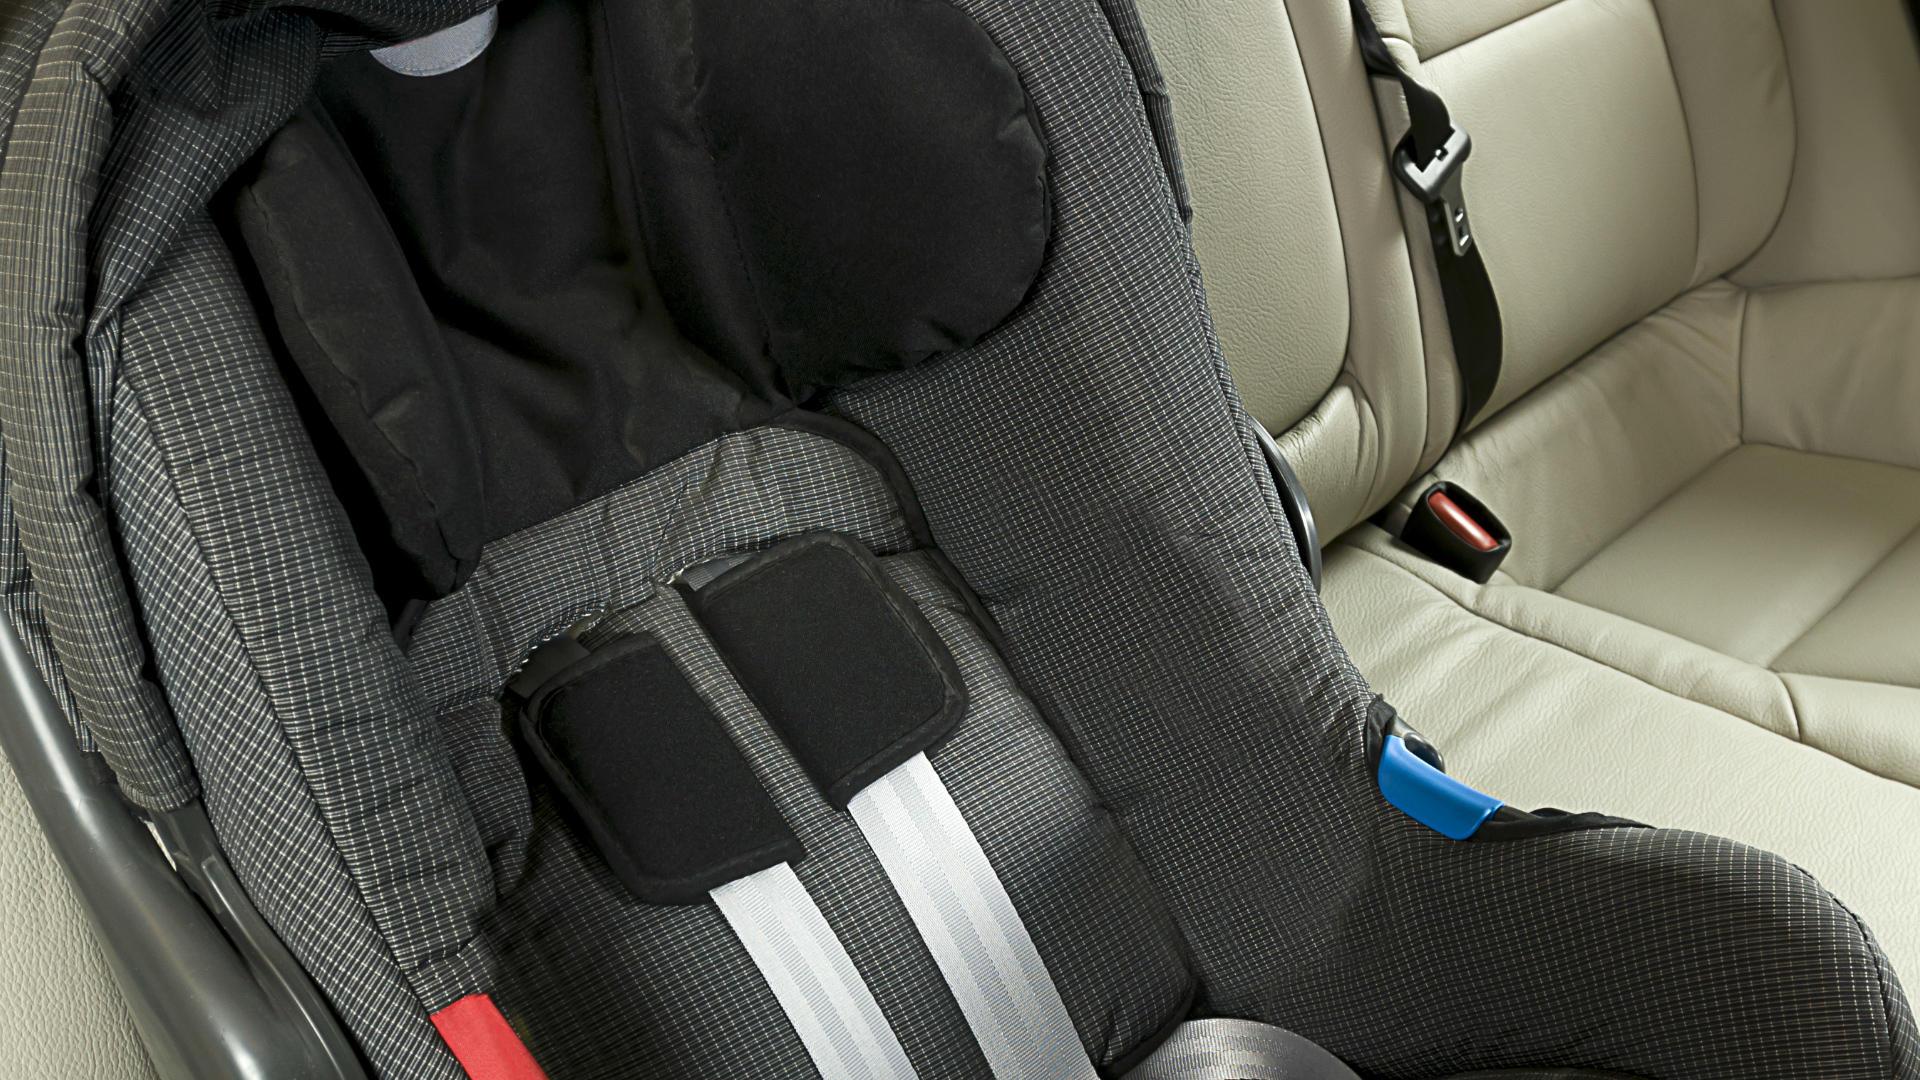 Dziecko zmarło w foteliku samochodowym